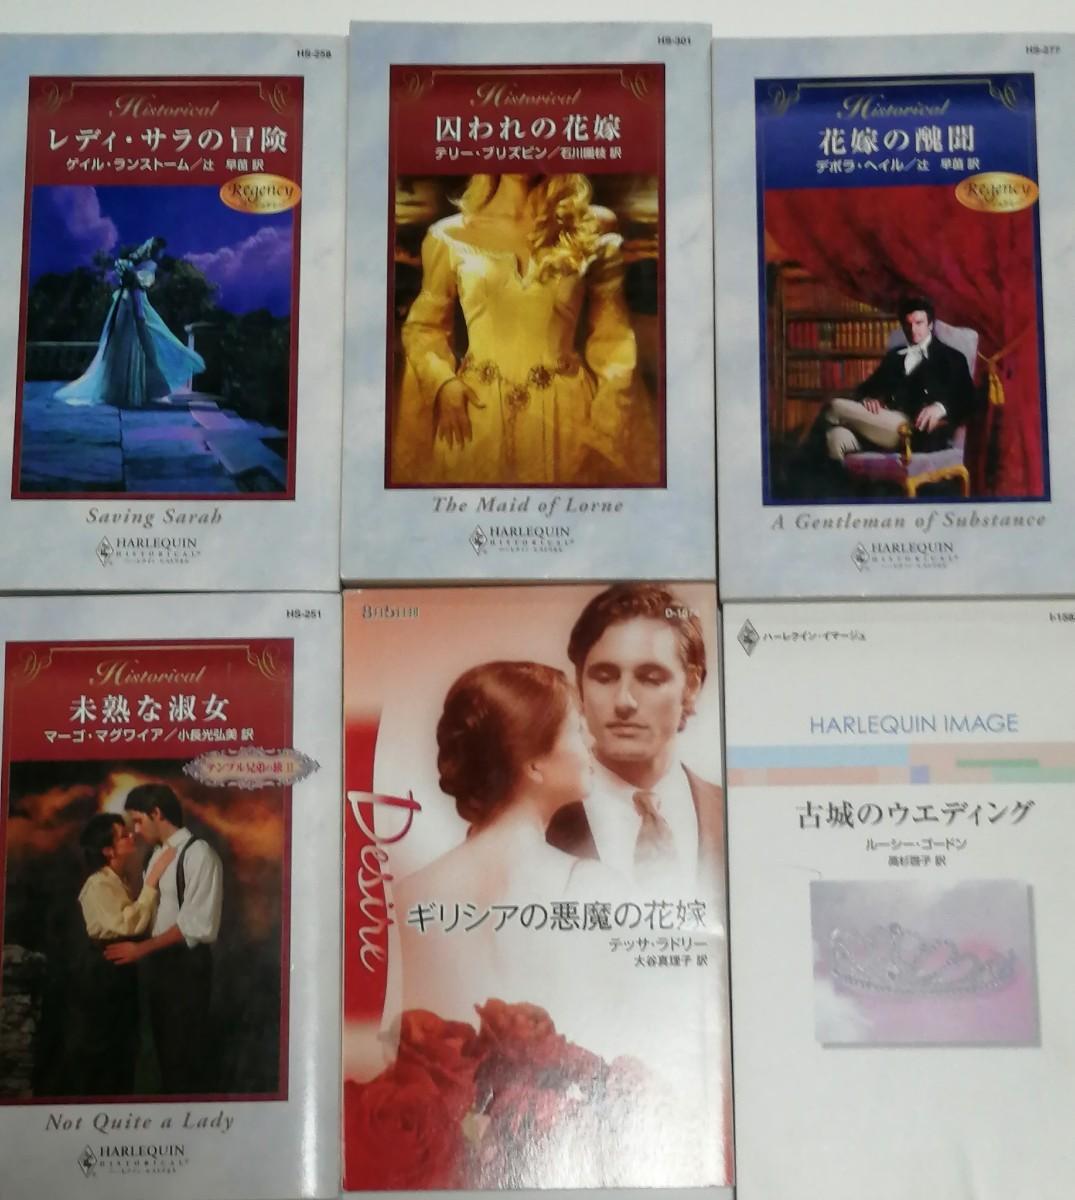 文庫 ハーレクイン リン グレアム サラ モーガン他 小説 まとめ売り 20冊セット